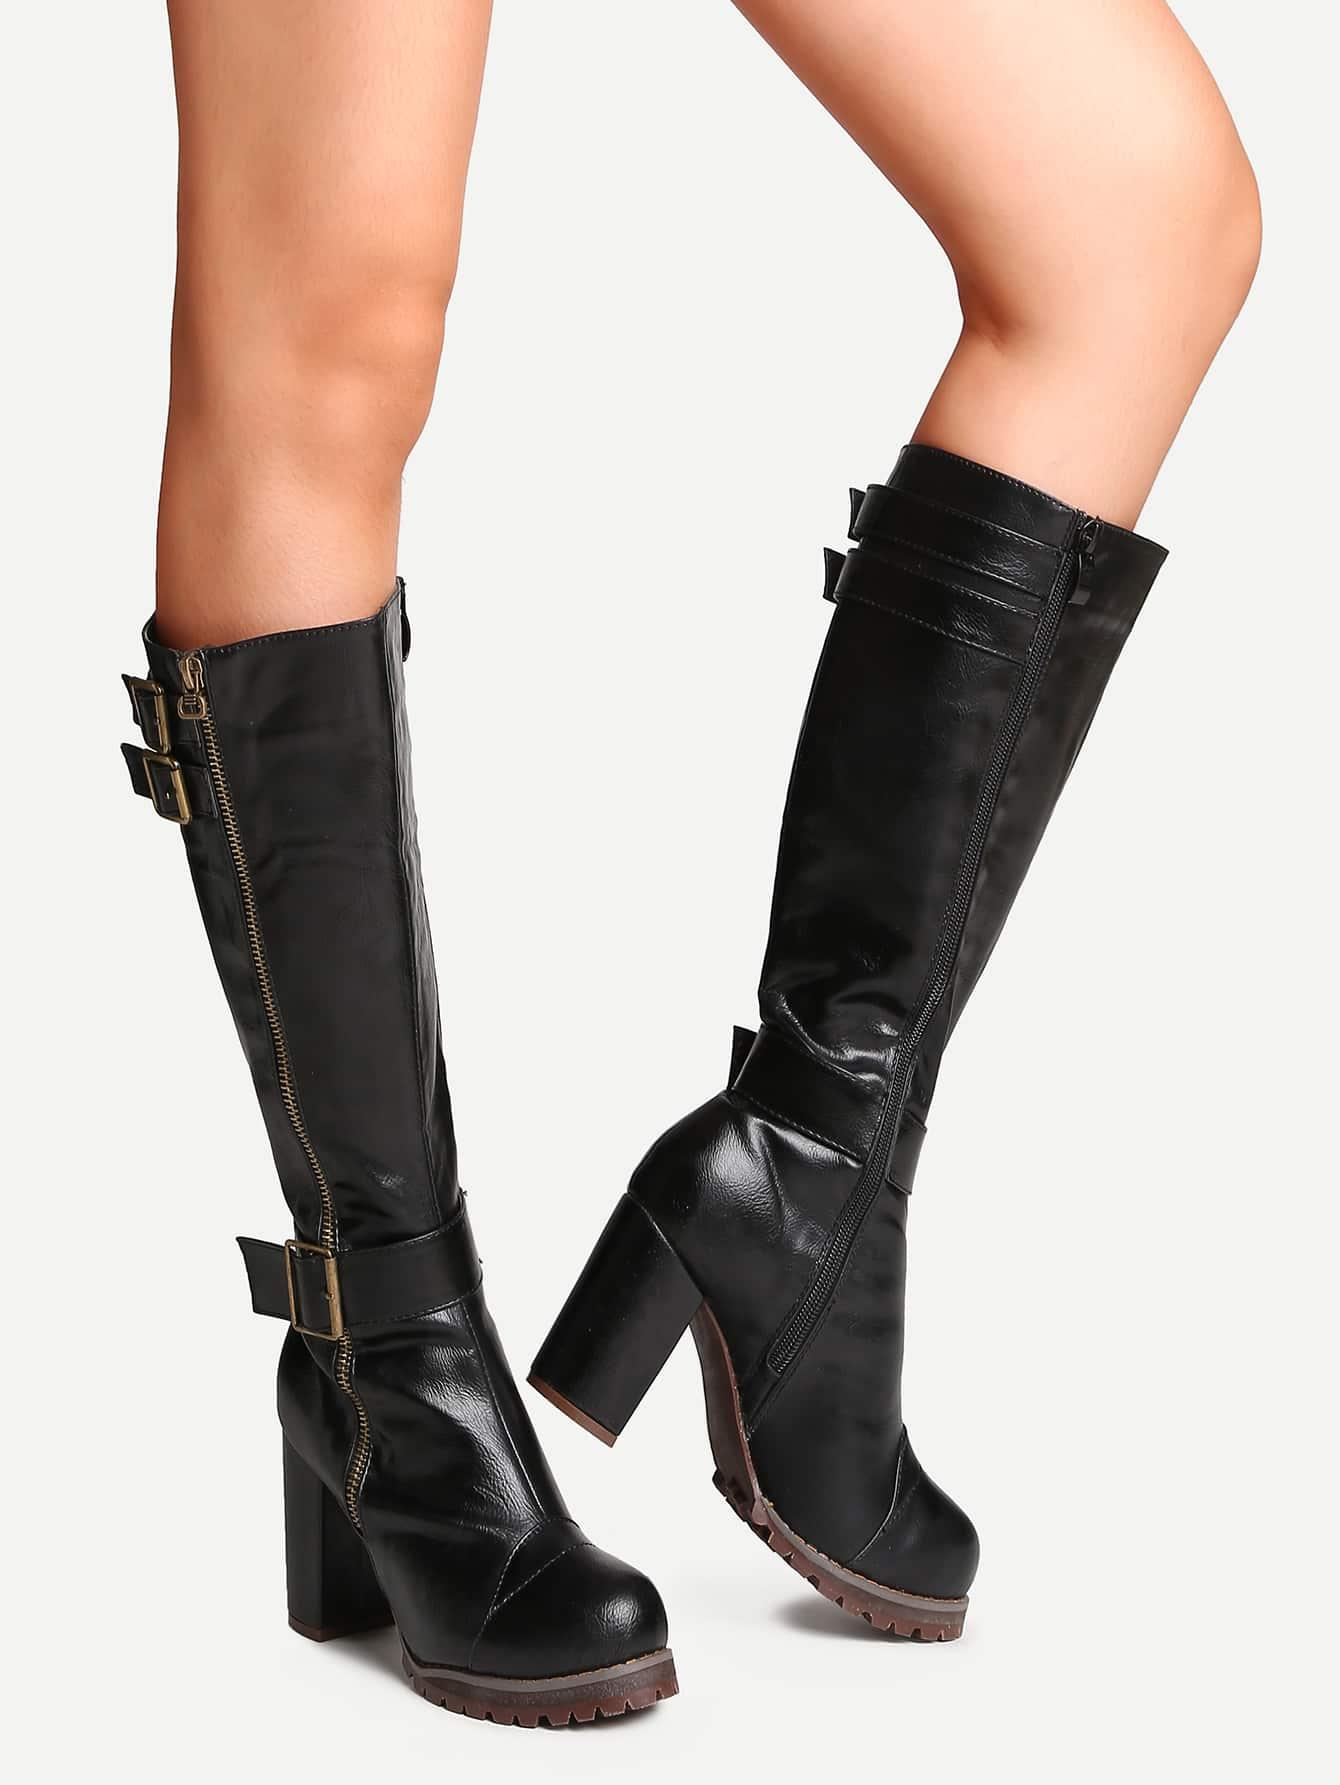 shoes160930801_2